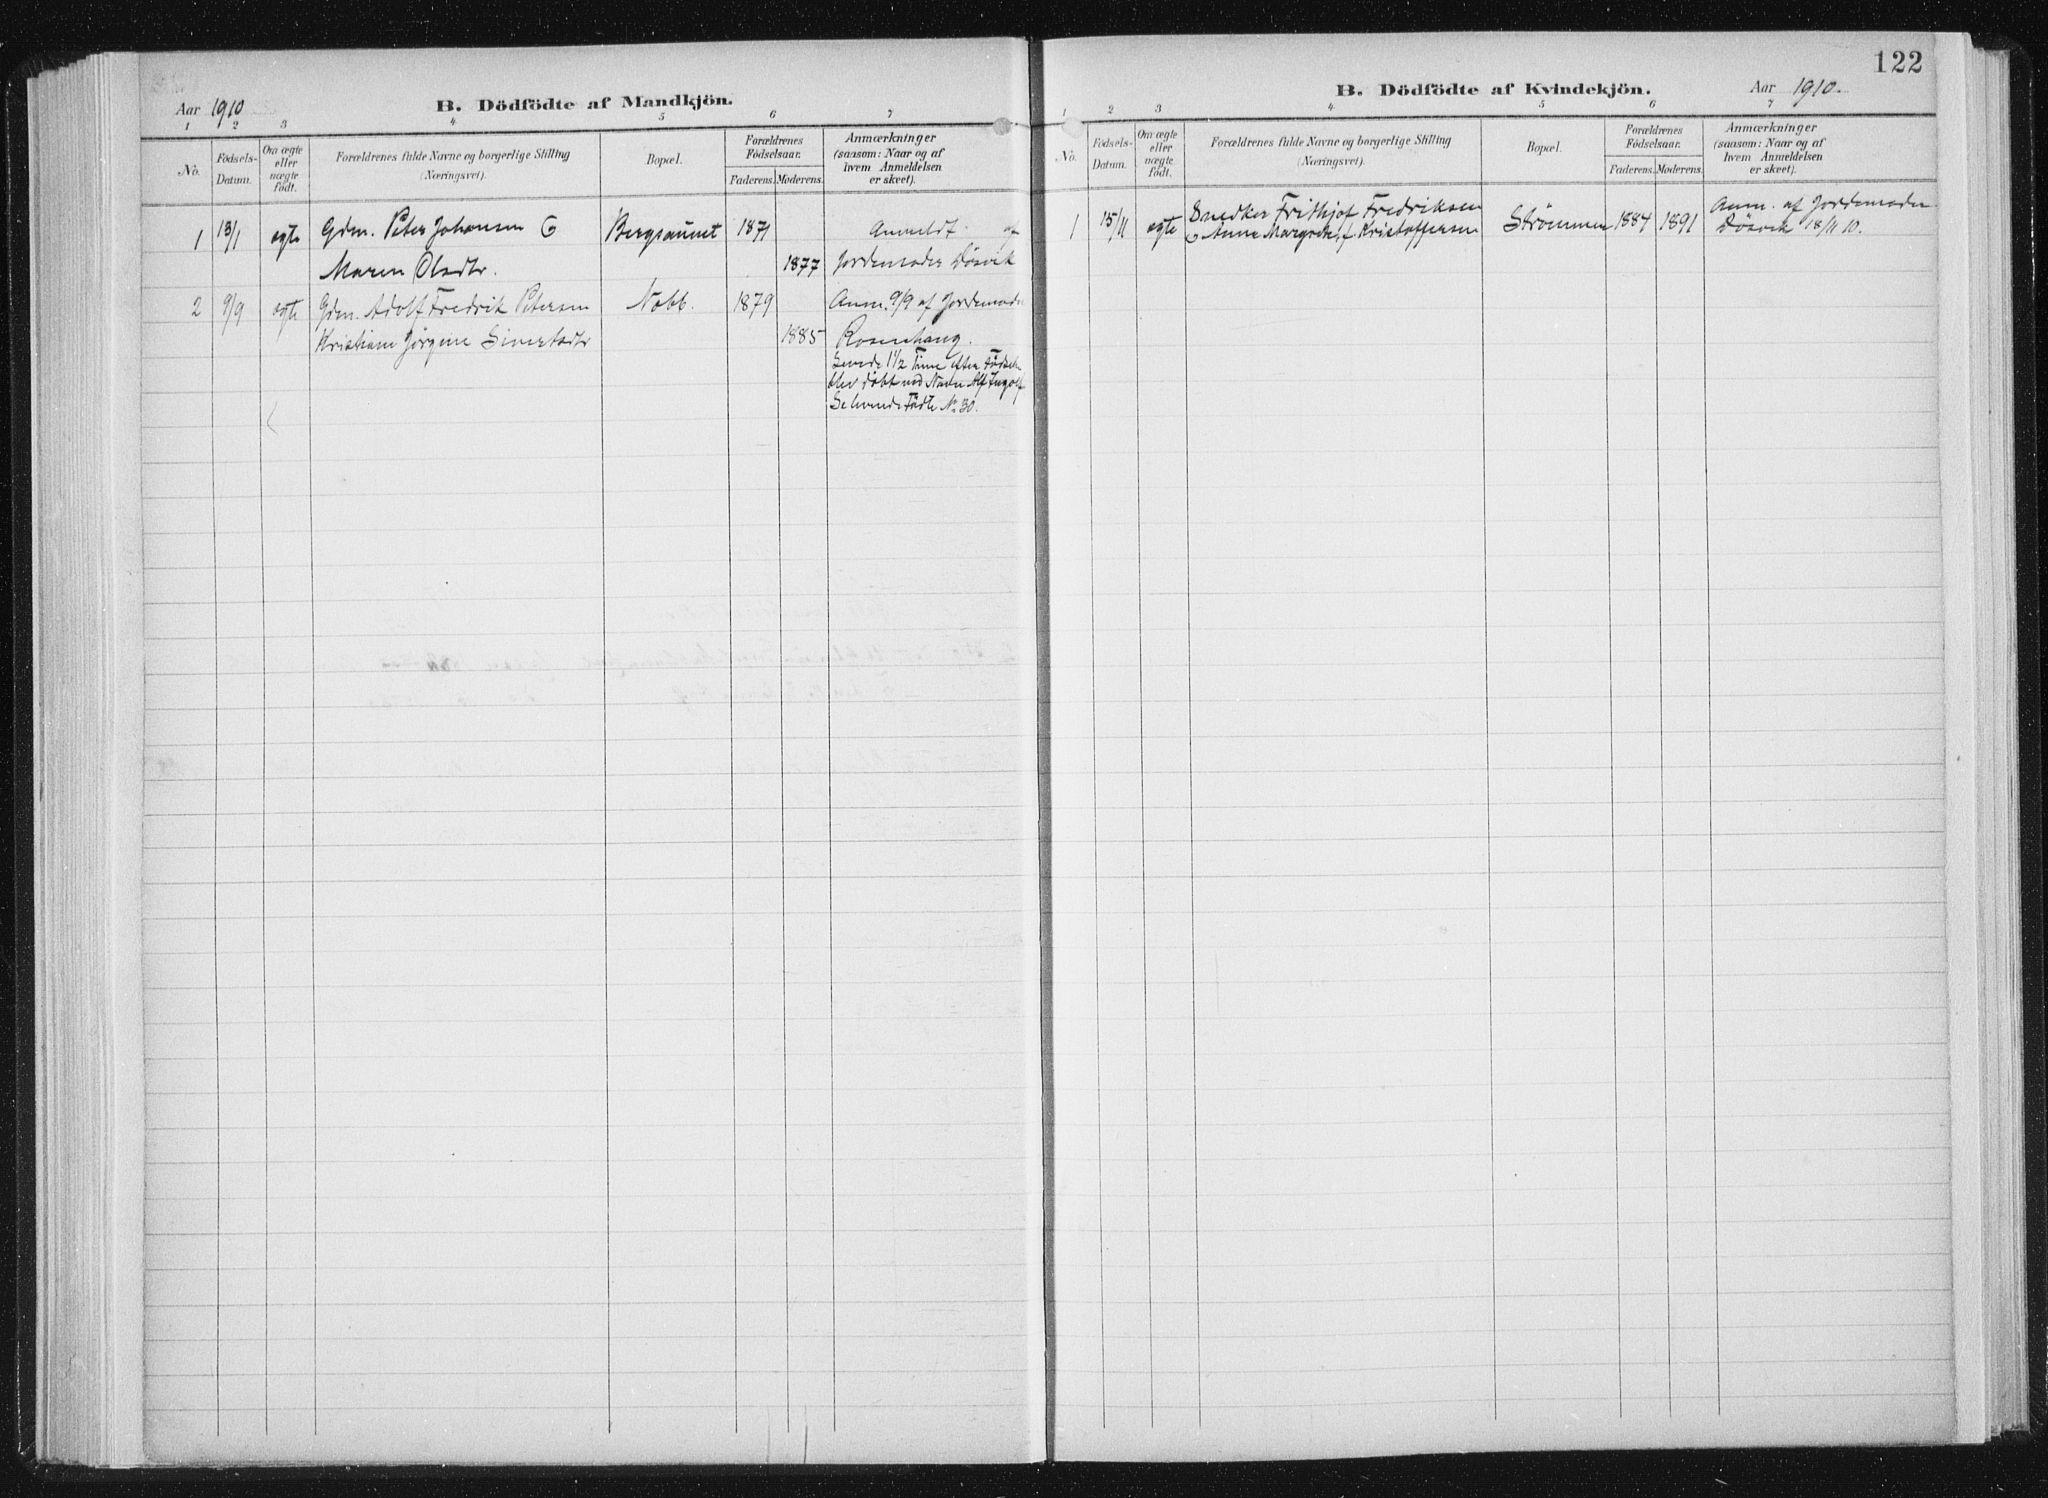 SAT, Ministerialprotokoller, klokkerbøker og fødselsregistre - Sør-Trøndelag, 647/L0635: Ministerialbok nr. 647A02, 1896-1911, s. 122